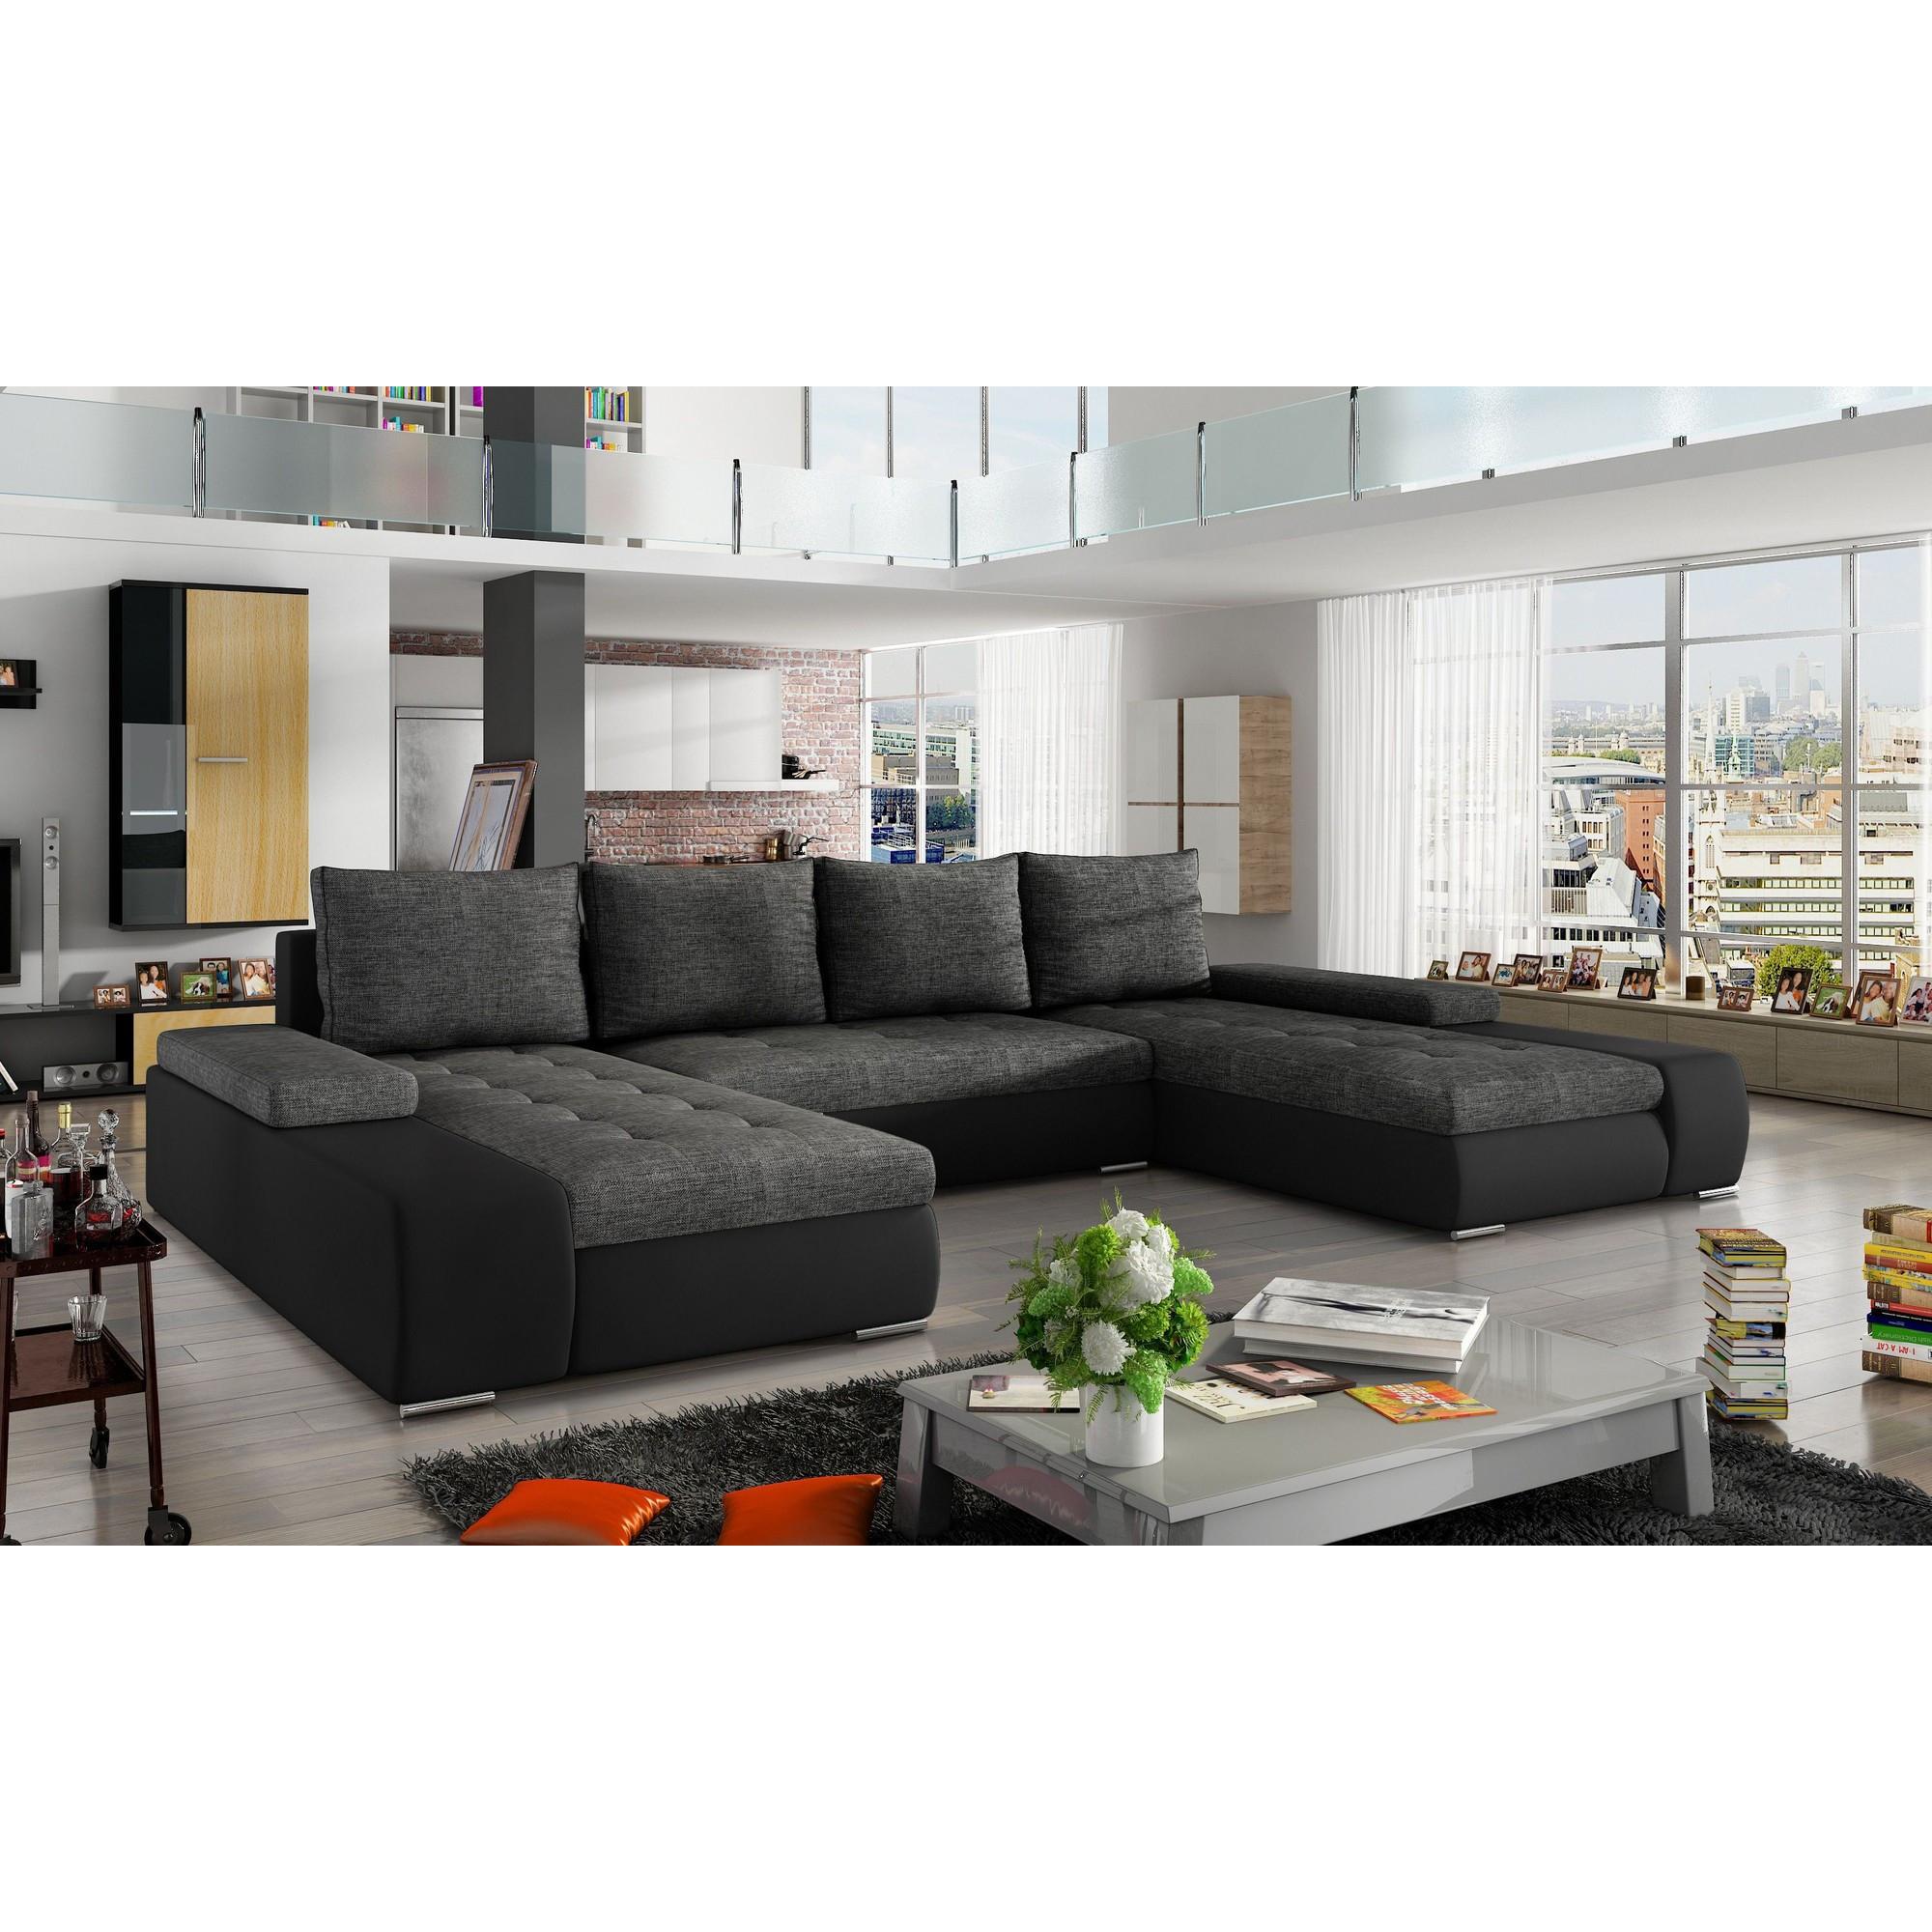 Canapé d angle convertible 5 places en tissu gris